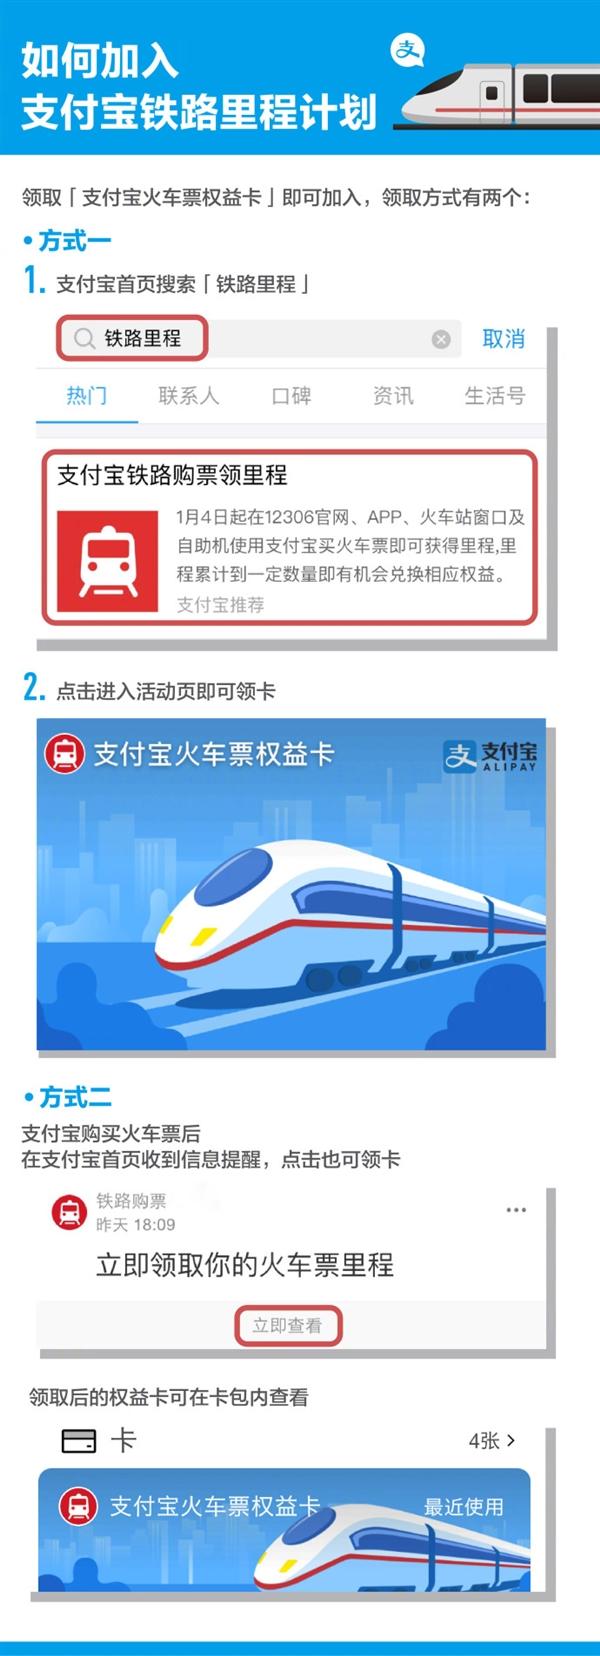 """支付宝上线""""火车票权益卡"""":累积里程可换红包"""